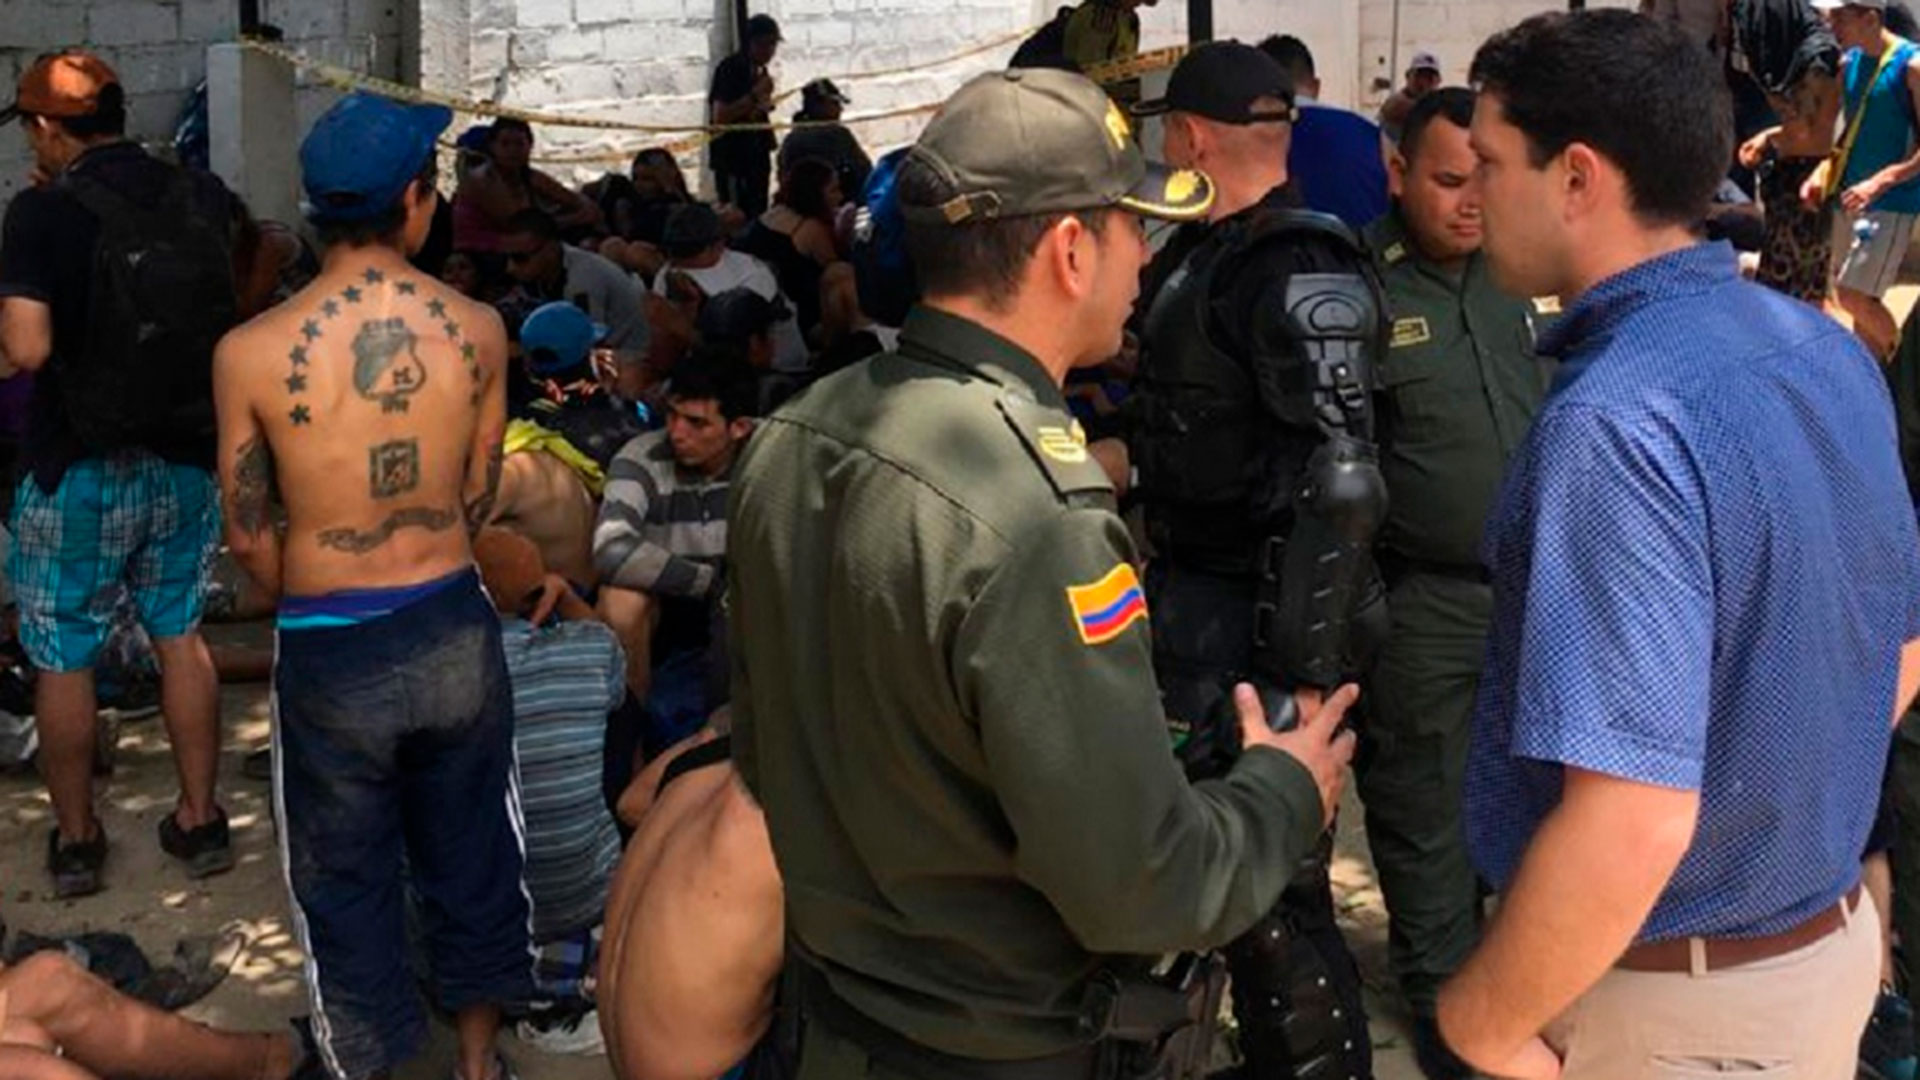 violencia_en_el_futbol_colombiano_dos_ataques_de_hinchas_de_millonarios_causaron_un_muerto_2C_una_mujer_golpeada_2C_heridos_y_destrozos.jpg